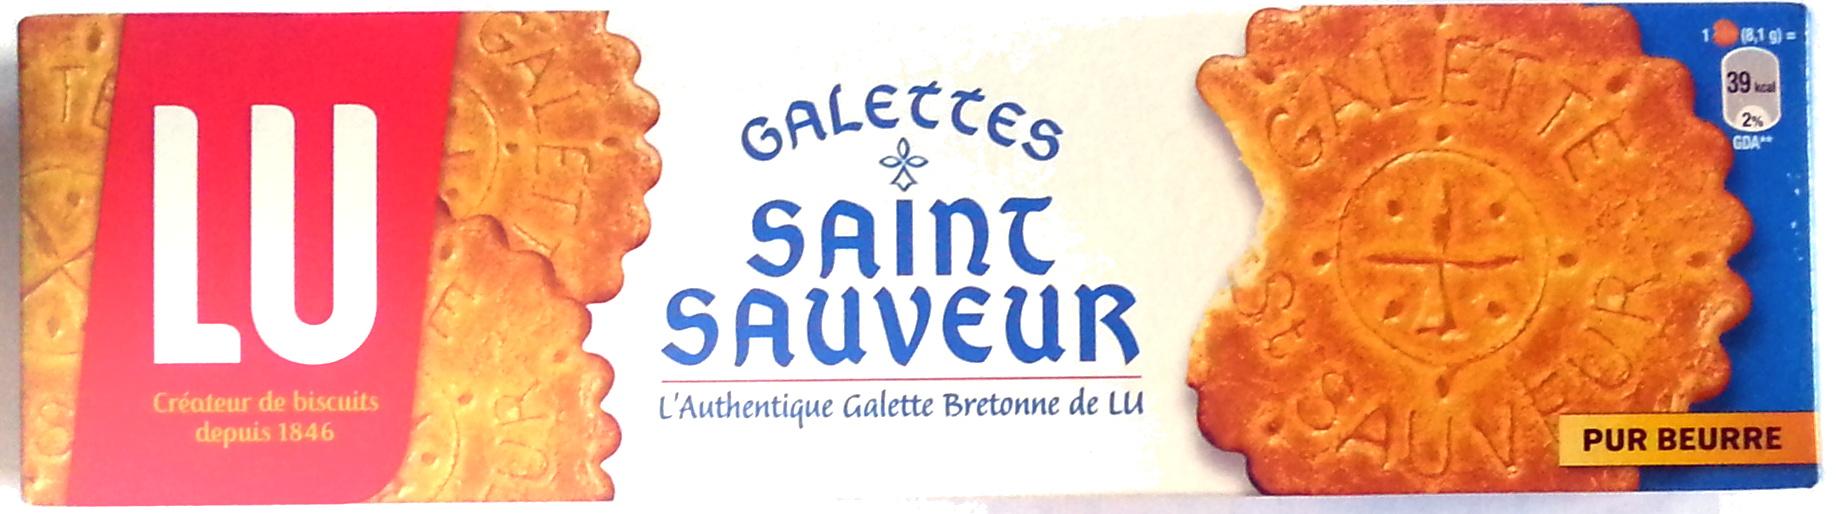 Galettes St Sauveur, Lu (130 g)